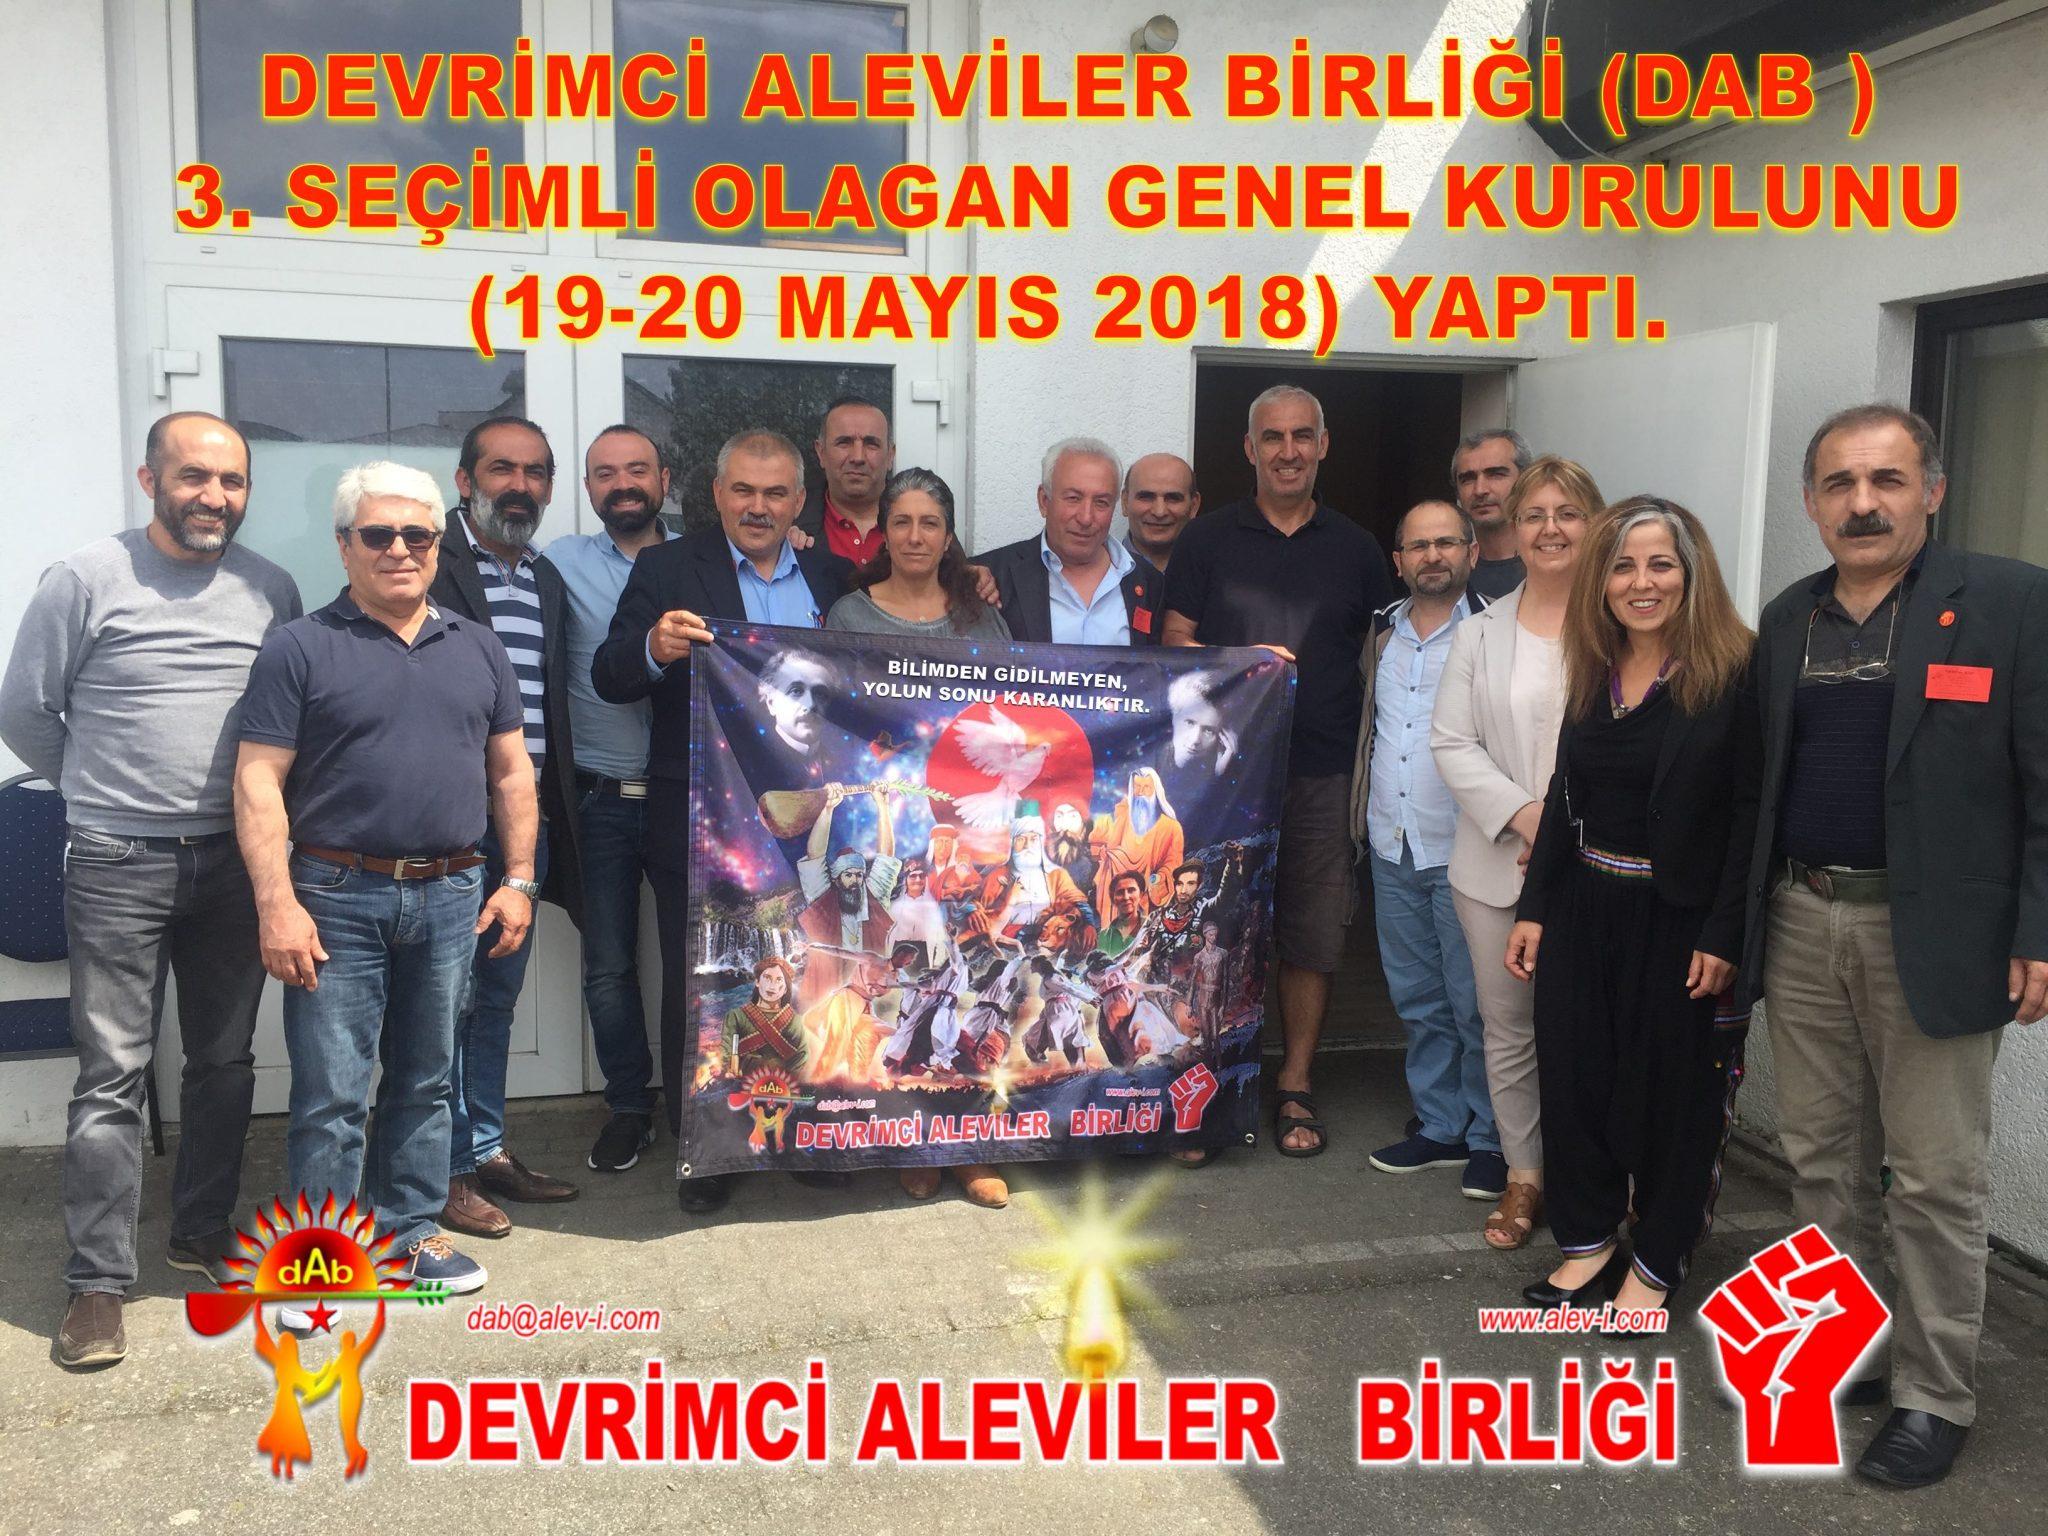 DAB 3 GENEL KURUL BASIN AÇIKLAMASI devrimci aleviler birliği cem kızılbaş bektaşi hak yolu Pir Sultan